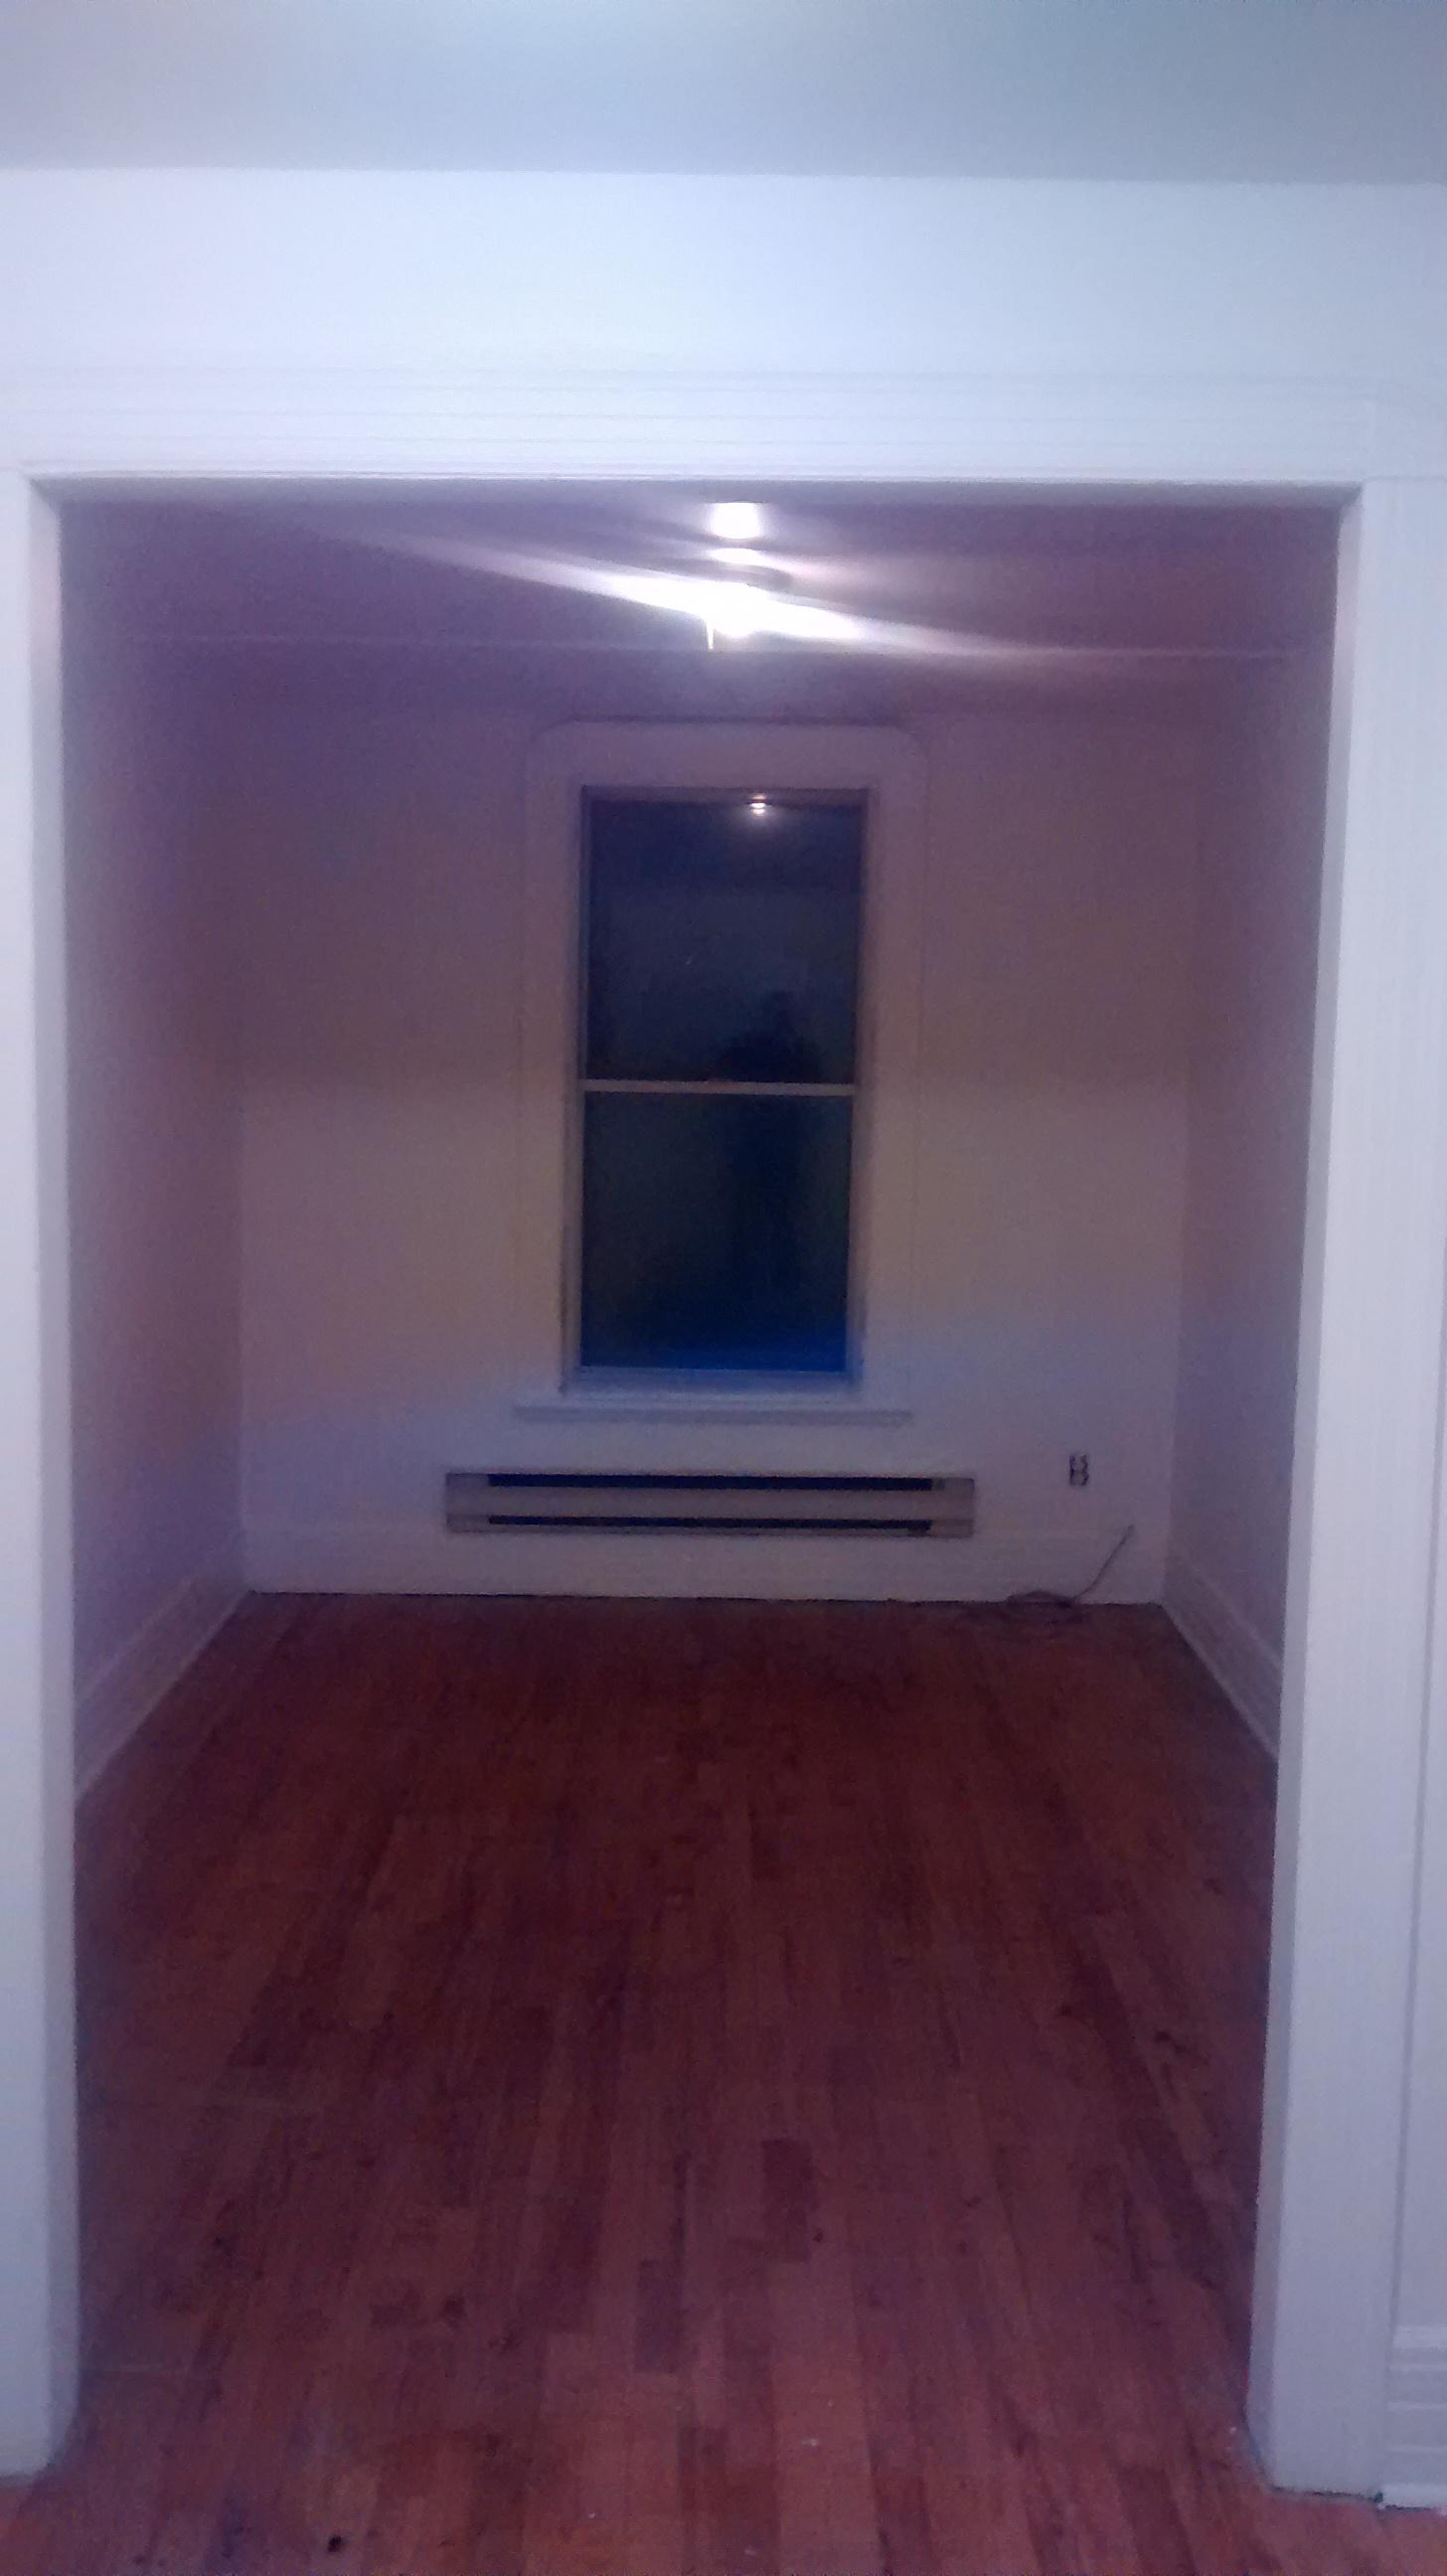 Apartment / Condo / Strata for Rent in 1074 Rue Addington